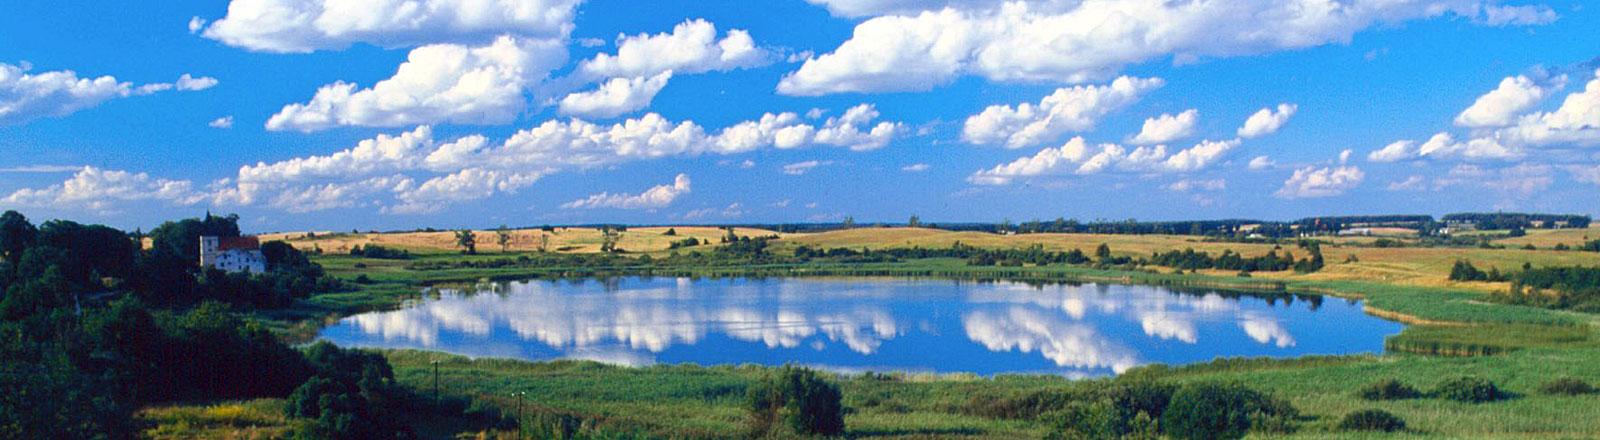 Masurische Seenplatte in Polen